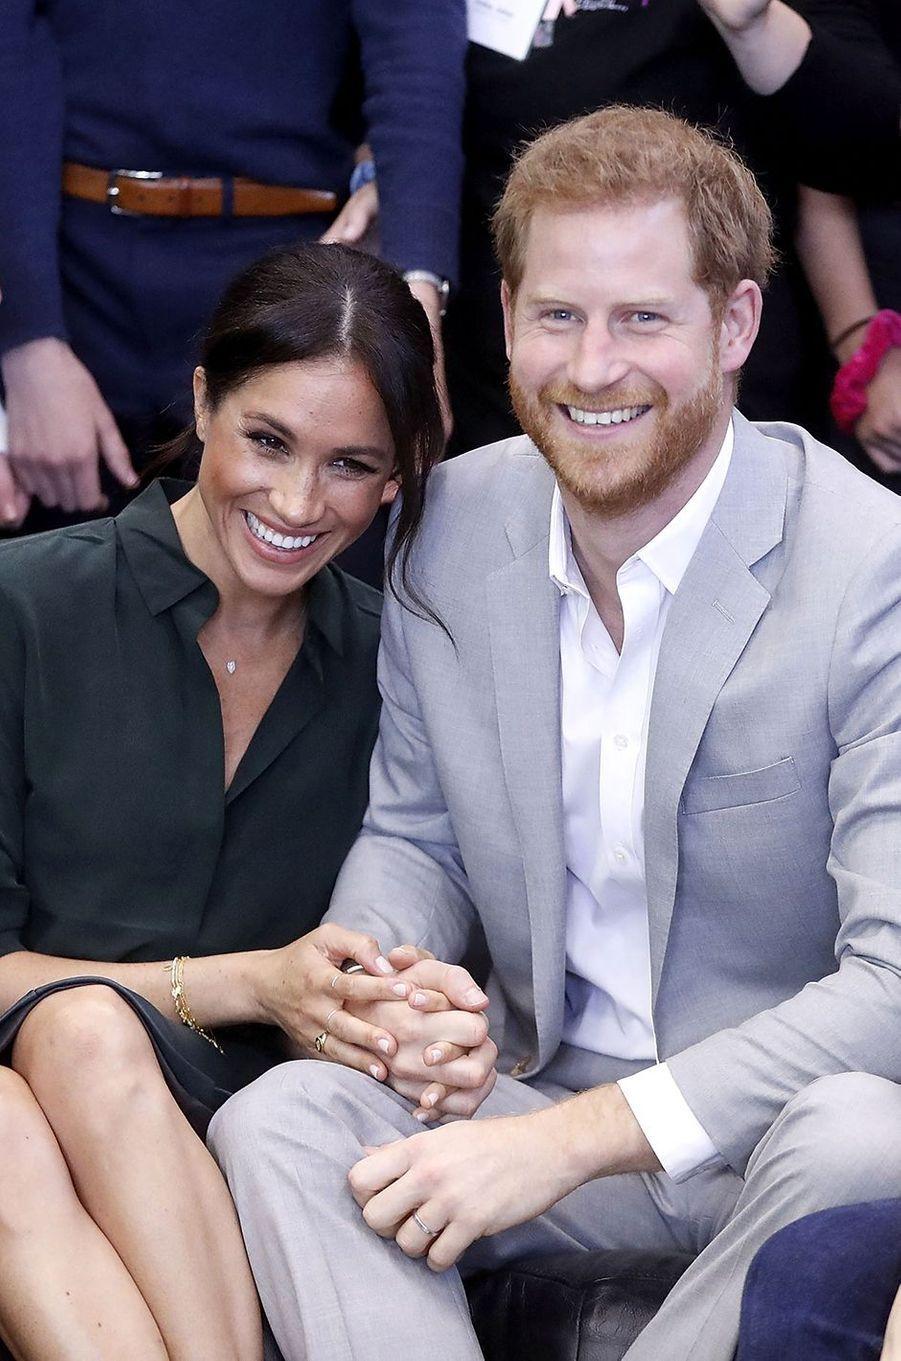 Meghan et Harry en visite dans le Sussex le 3 octobre 2018. Quelques jours plus tard, ils annonçaient la grossesse de Meghan.